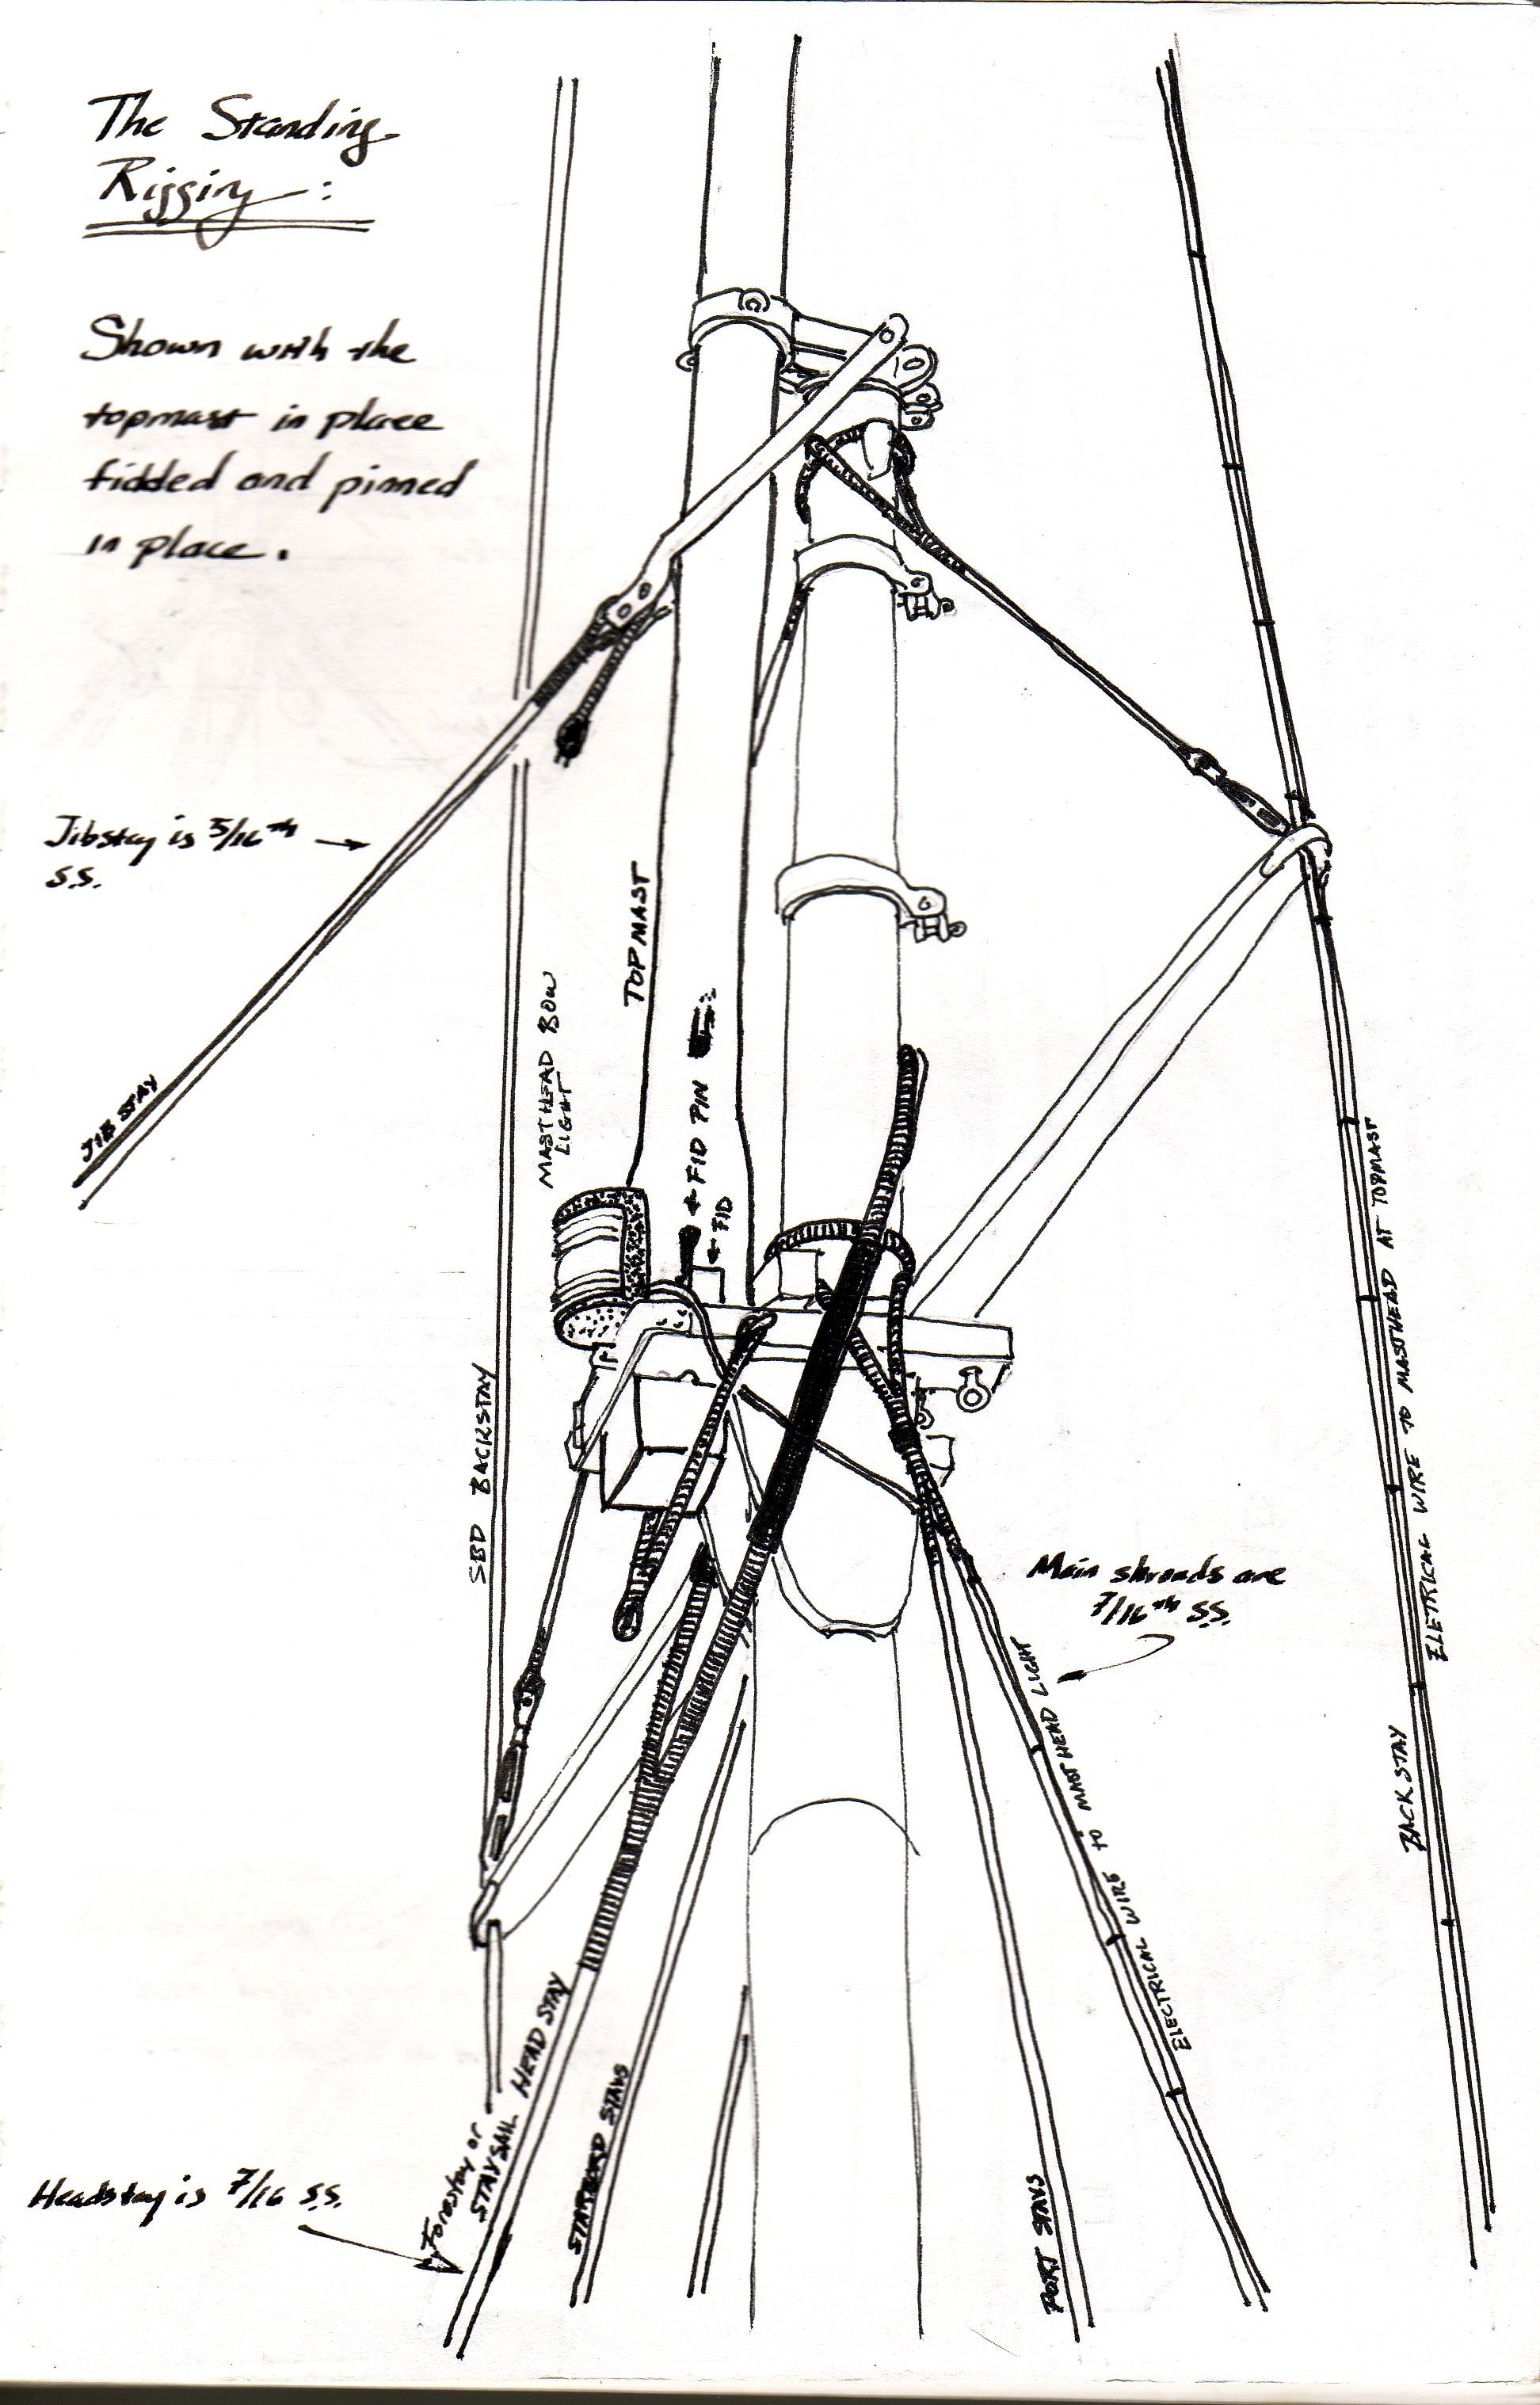 sailboat standing rigging diagram. Black Bedroom Furniture Sets. Home Design Ideas